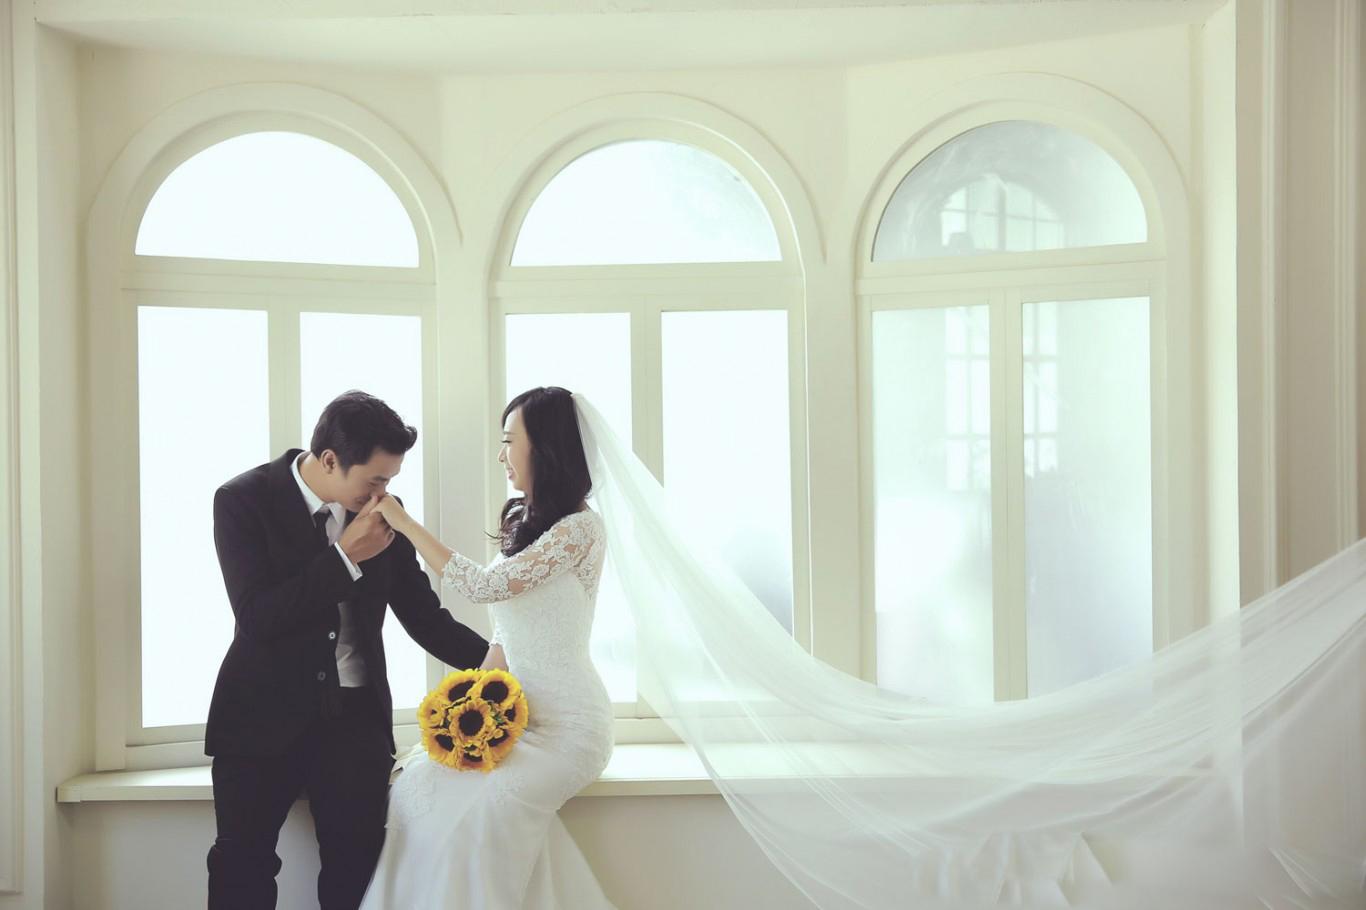 Bất cứ người đàn ông nào cũng sẽ muốn cưới người phụ nữ thế này làm vợ  - Ảnh 4